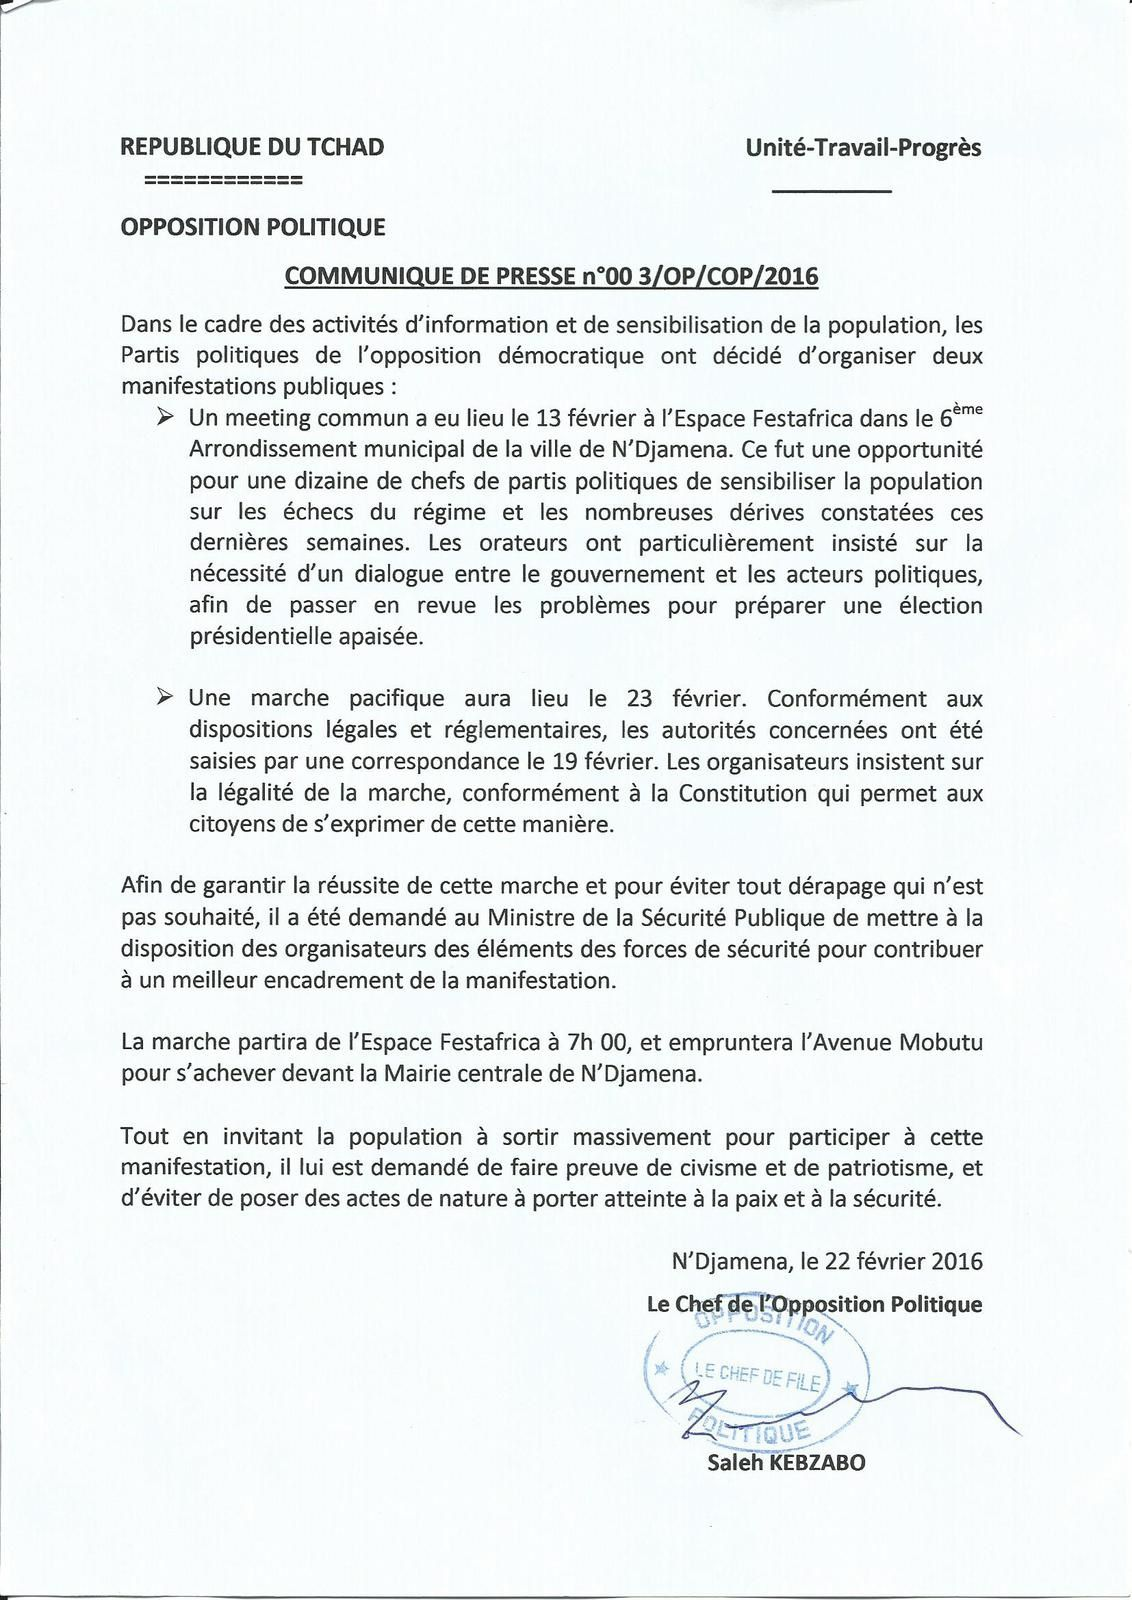 Pour la marche pacifique du 23 février: l'opposition appelle les autorités à assurer la sécurité des participants